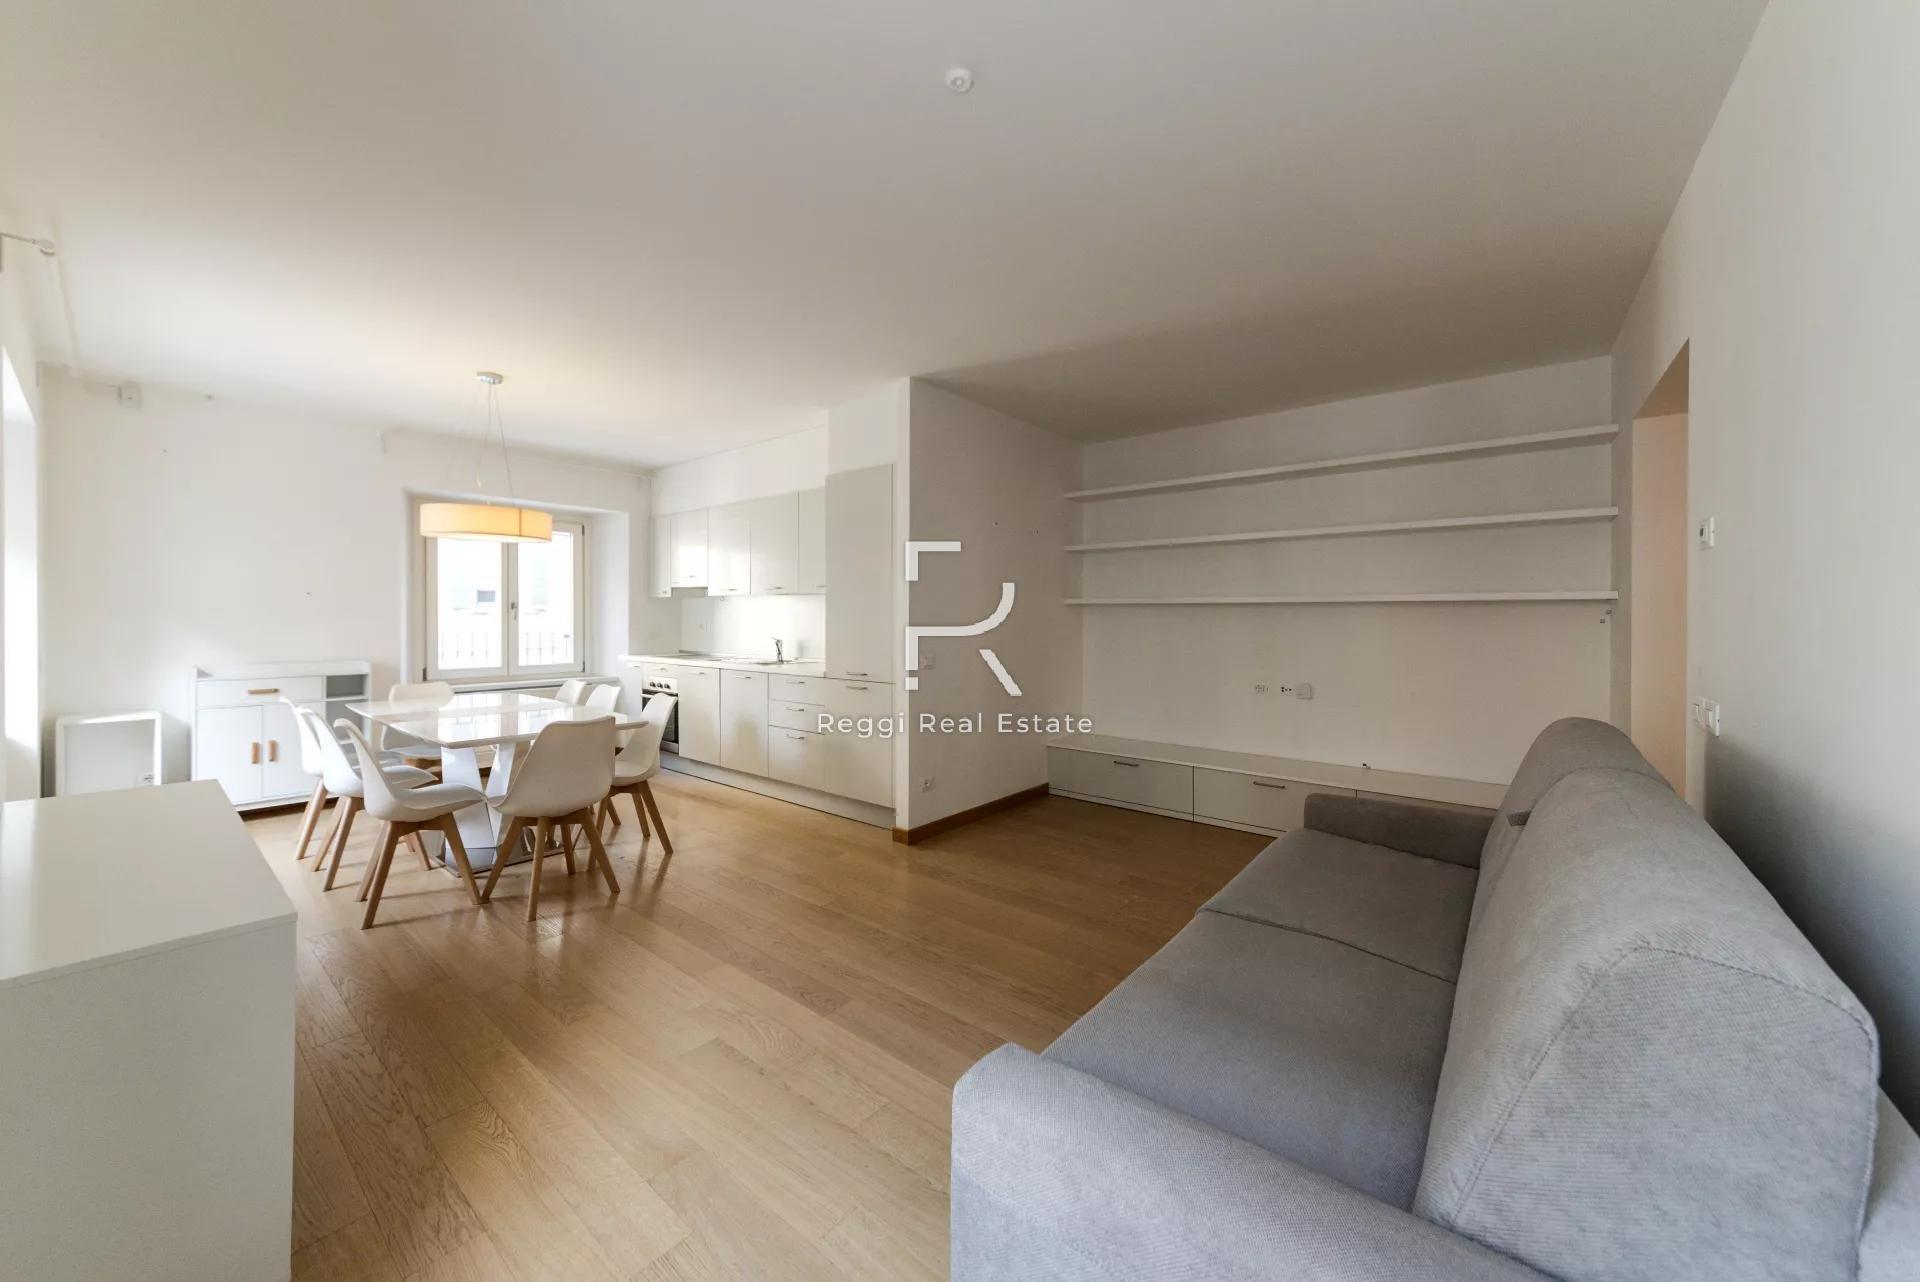 Affitto Appartamento Milano Genova